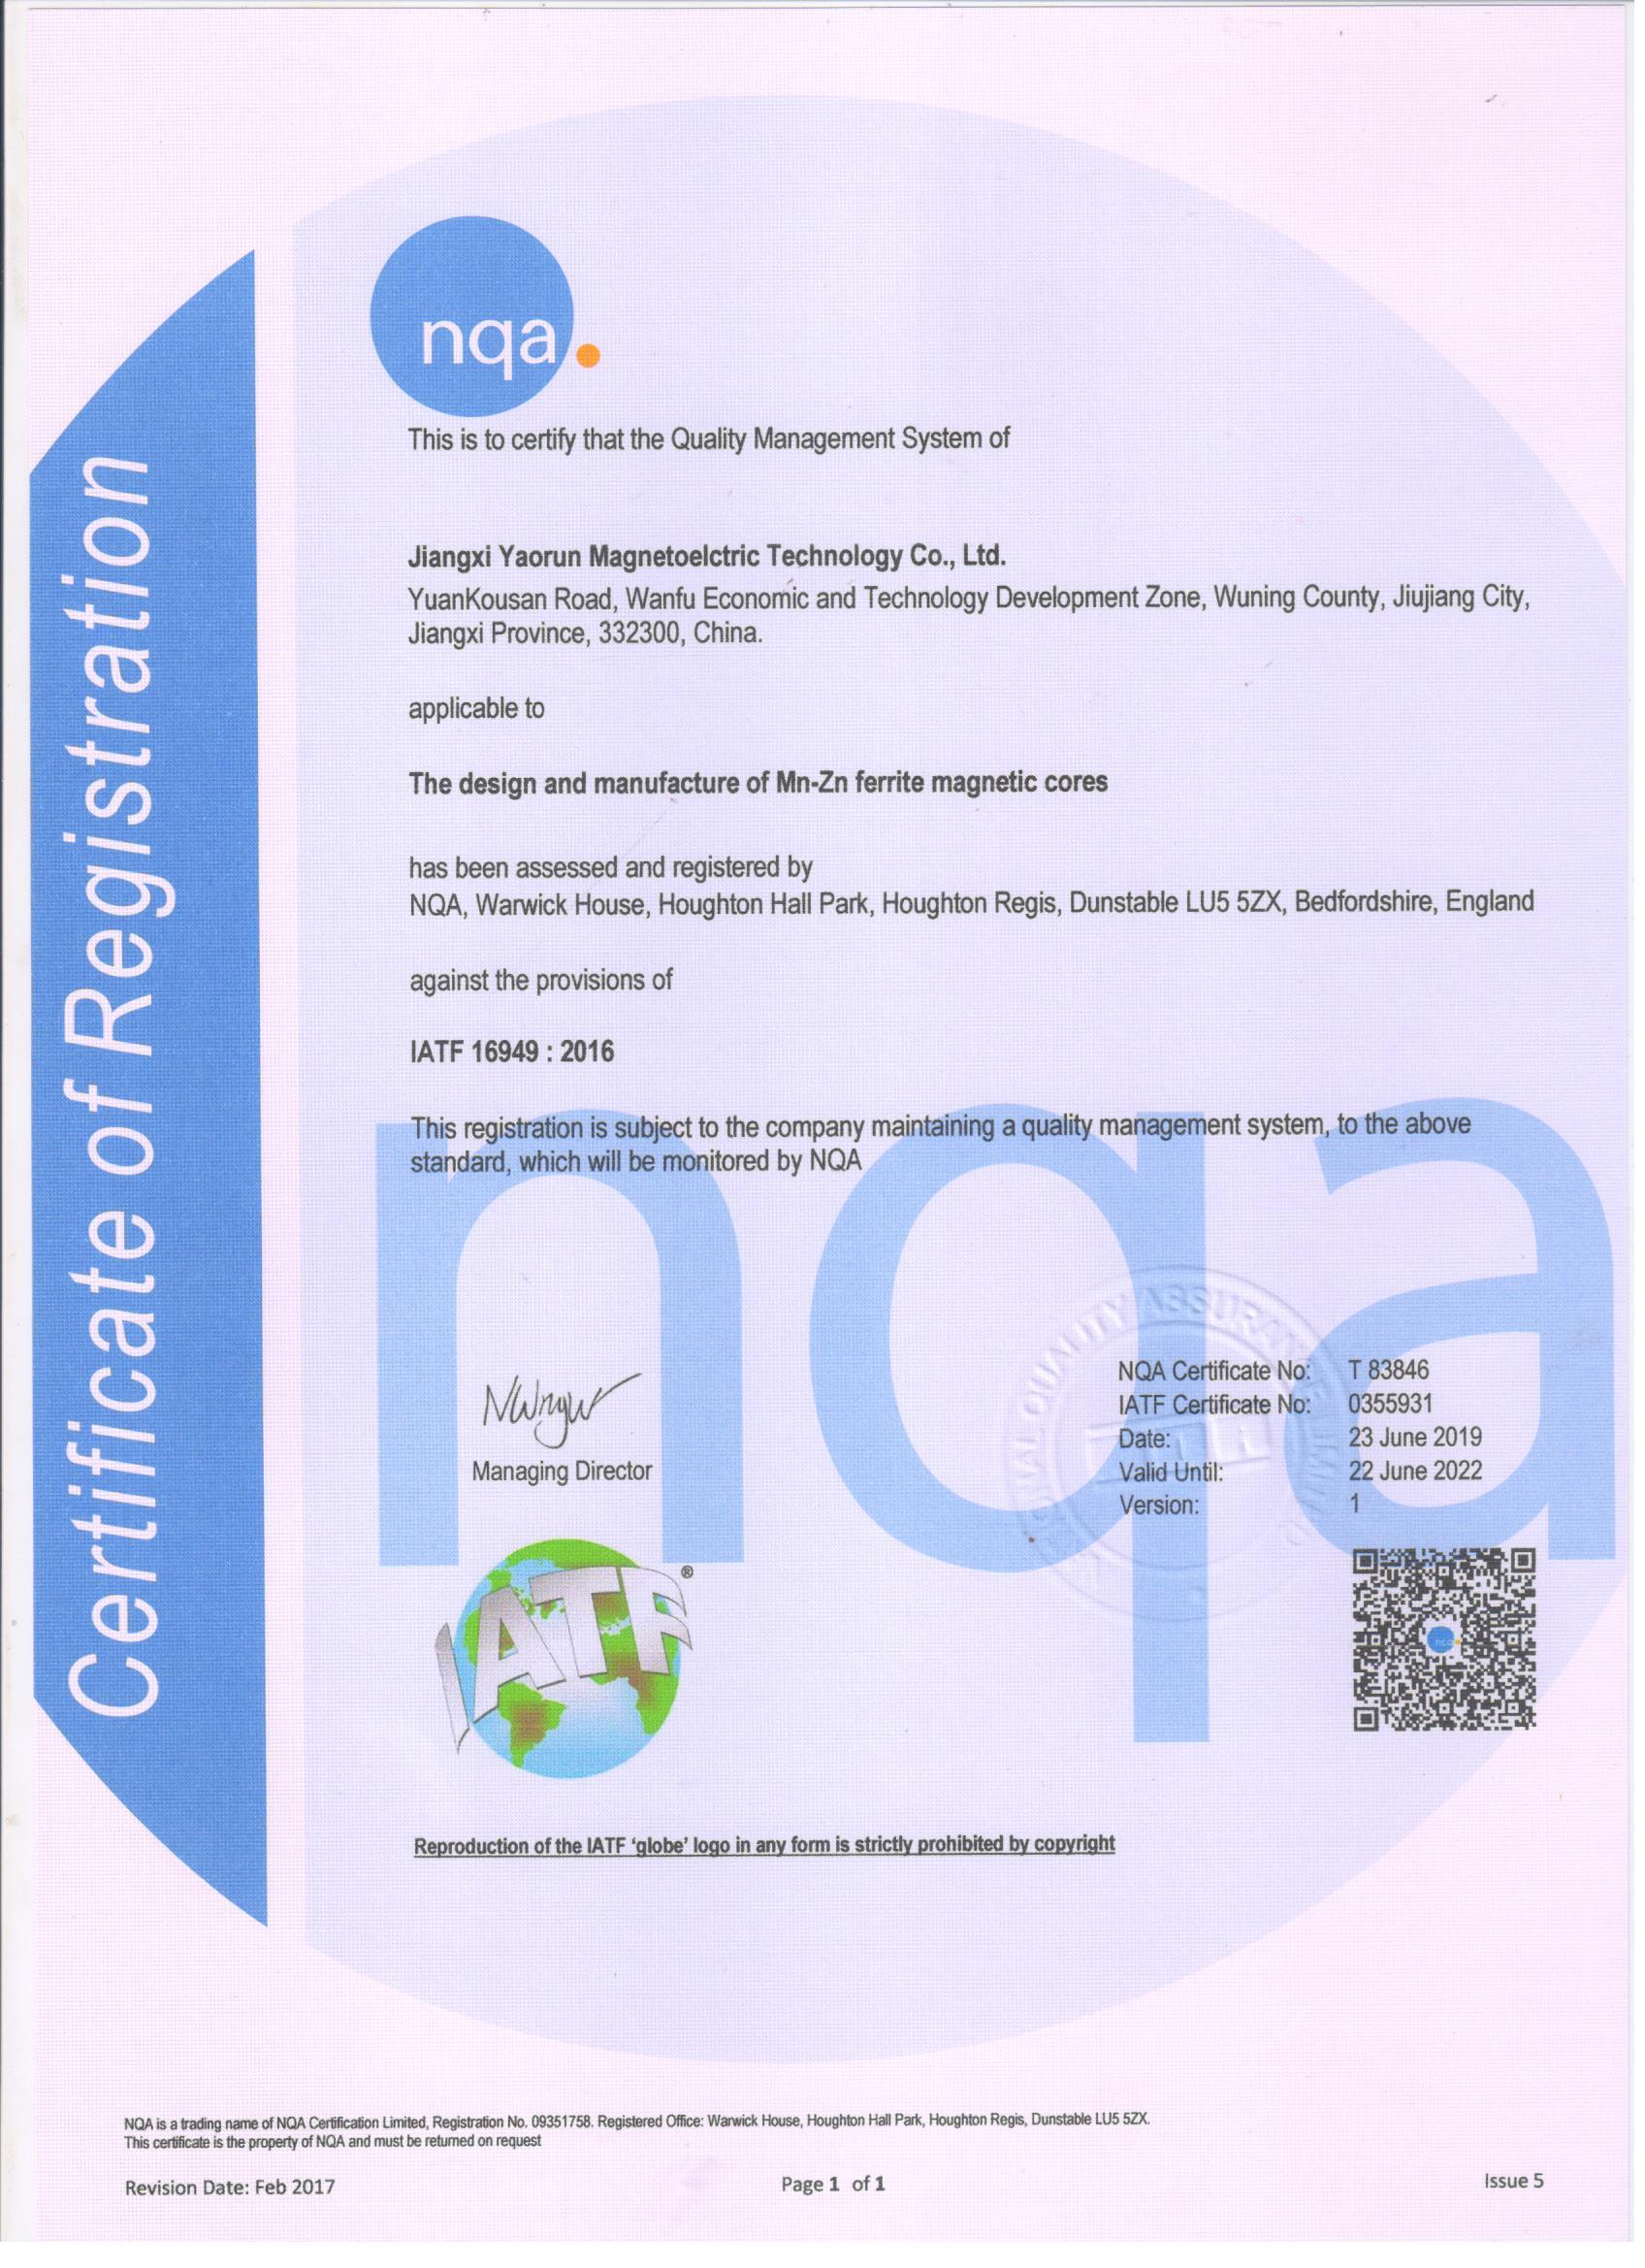 热烈祝贺江西raybet雷电竞雷电竞下载app磁电科技有限公司获得IATF 16949:2016资格证书